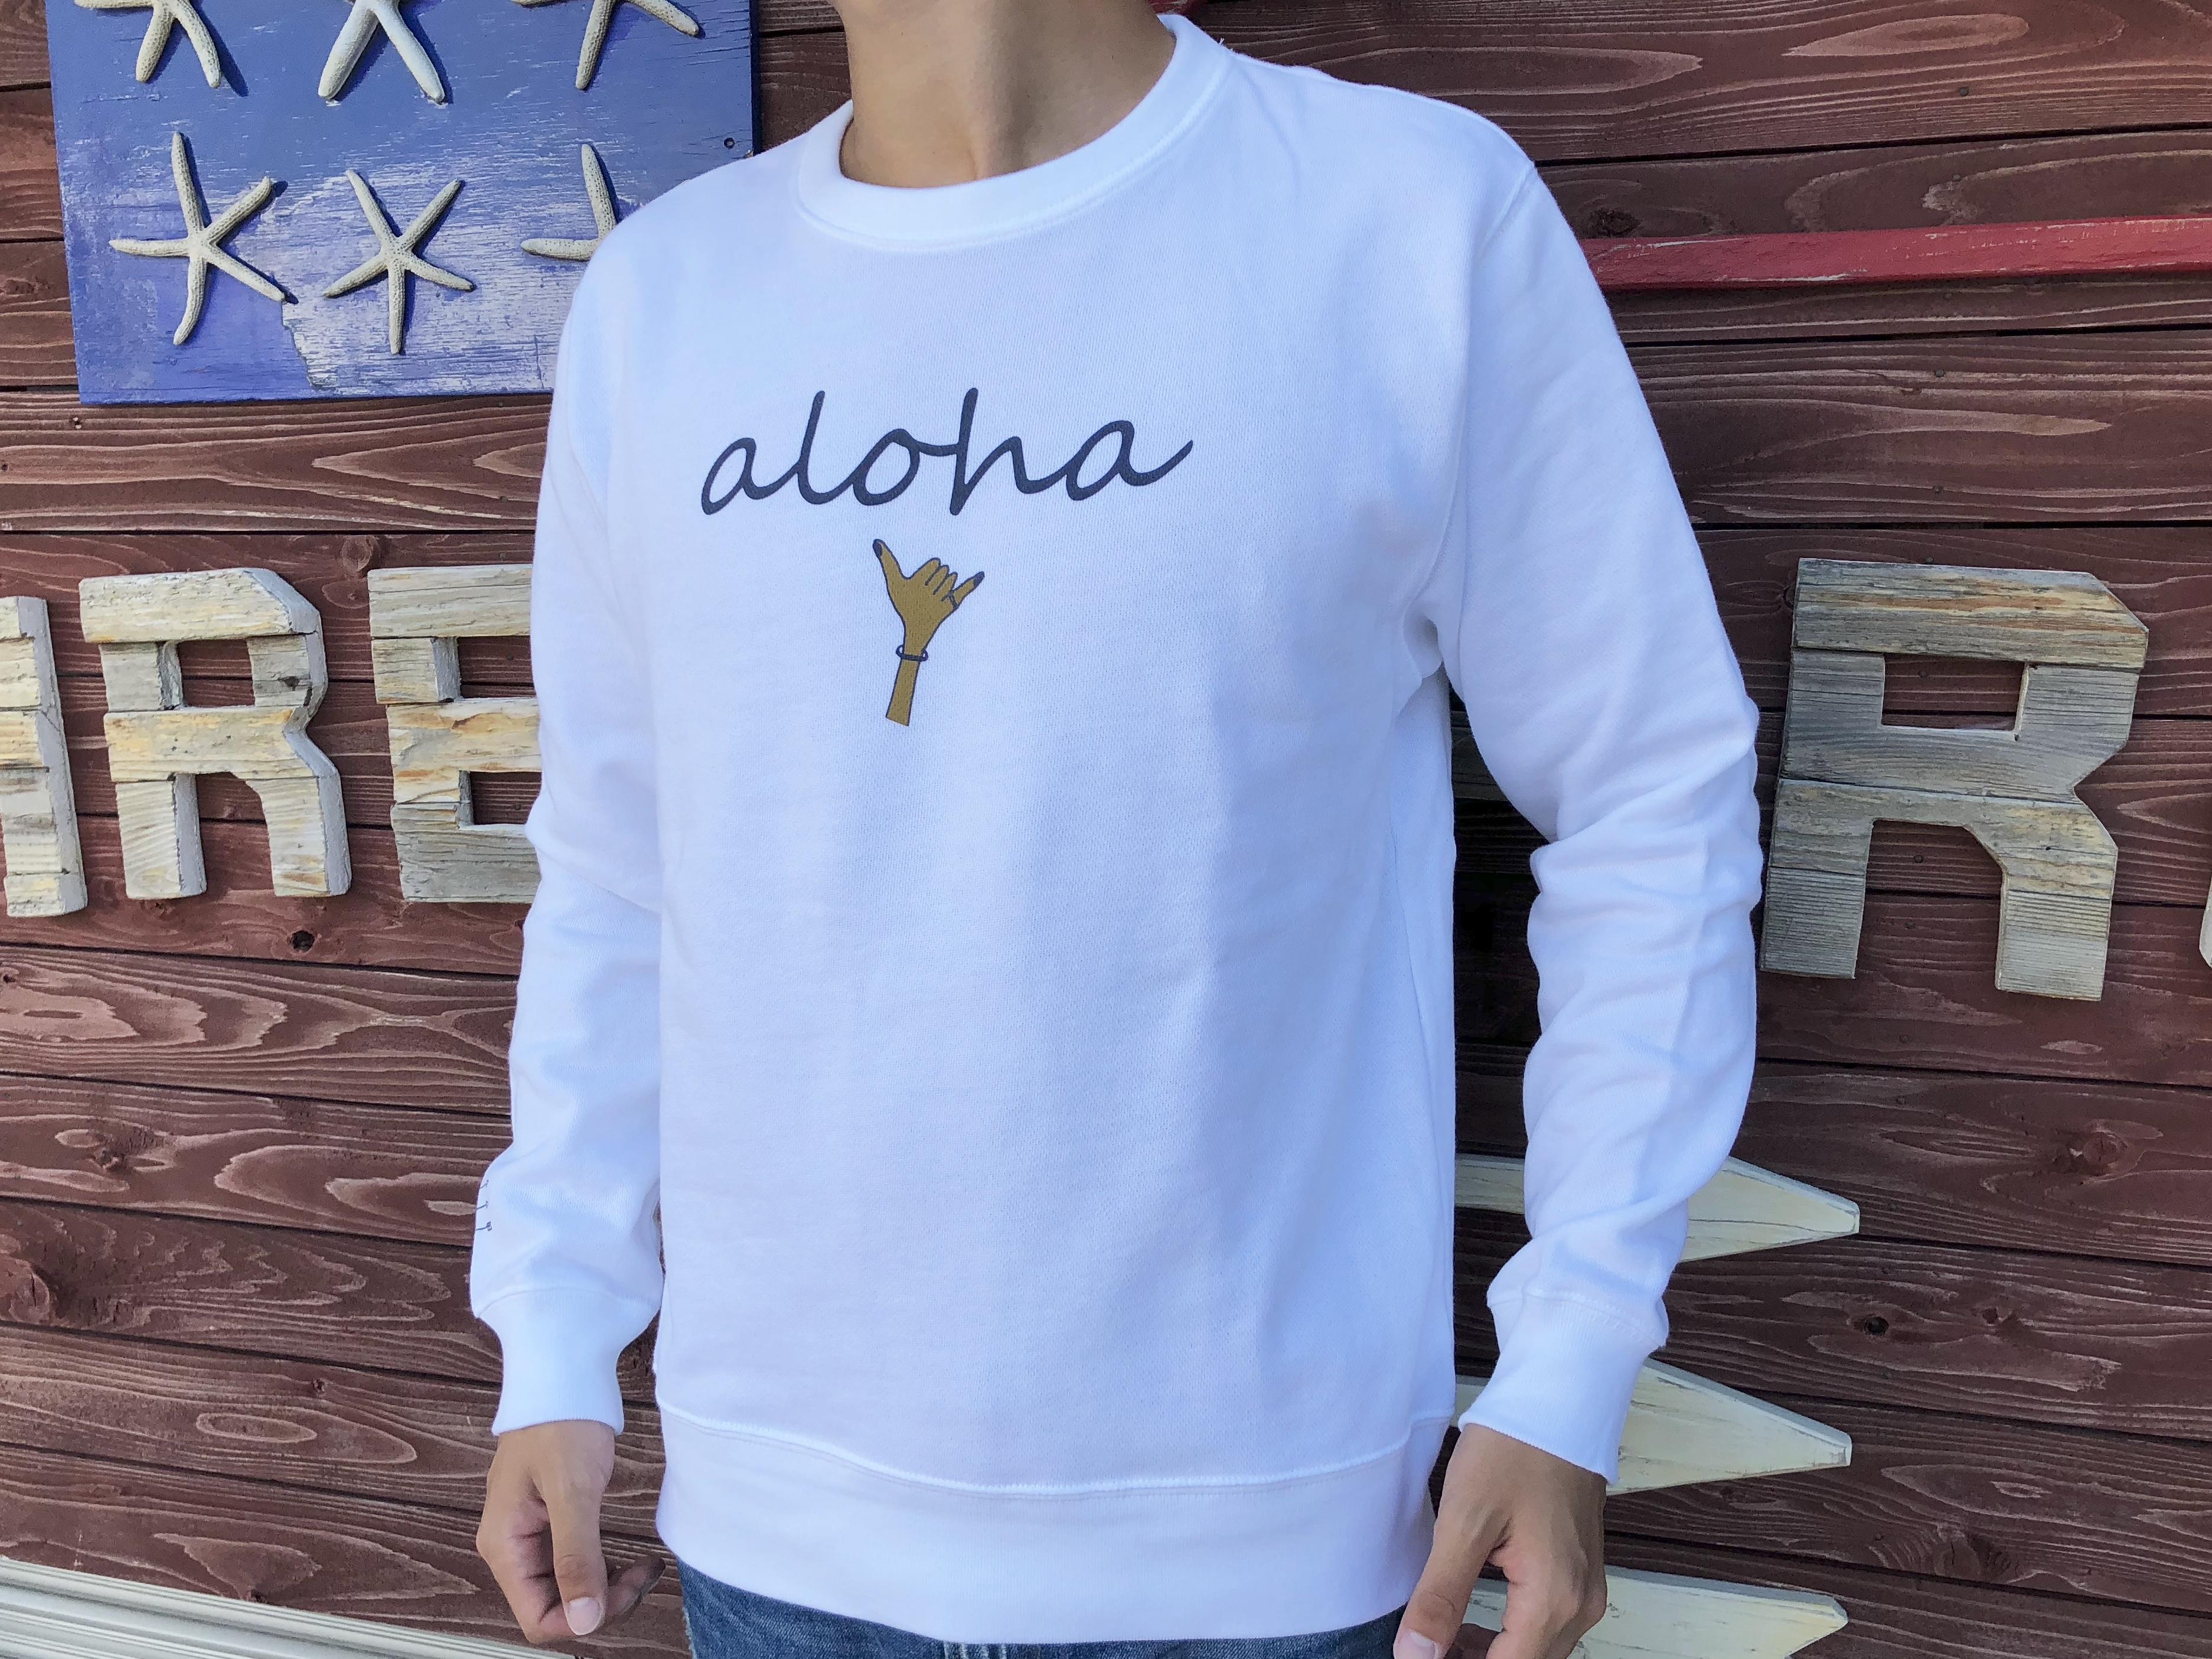 alohaサイン スウェット(日焼けハンド)